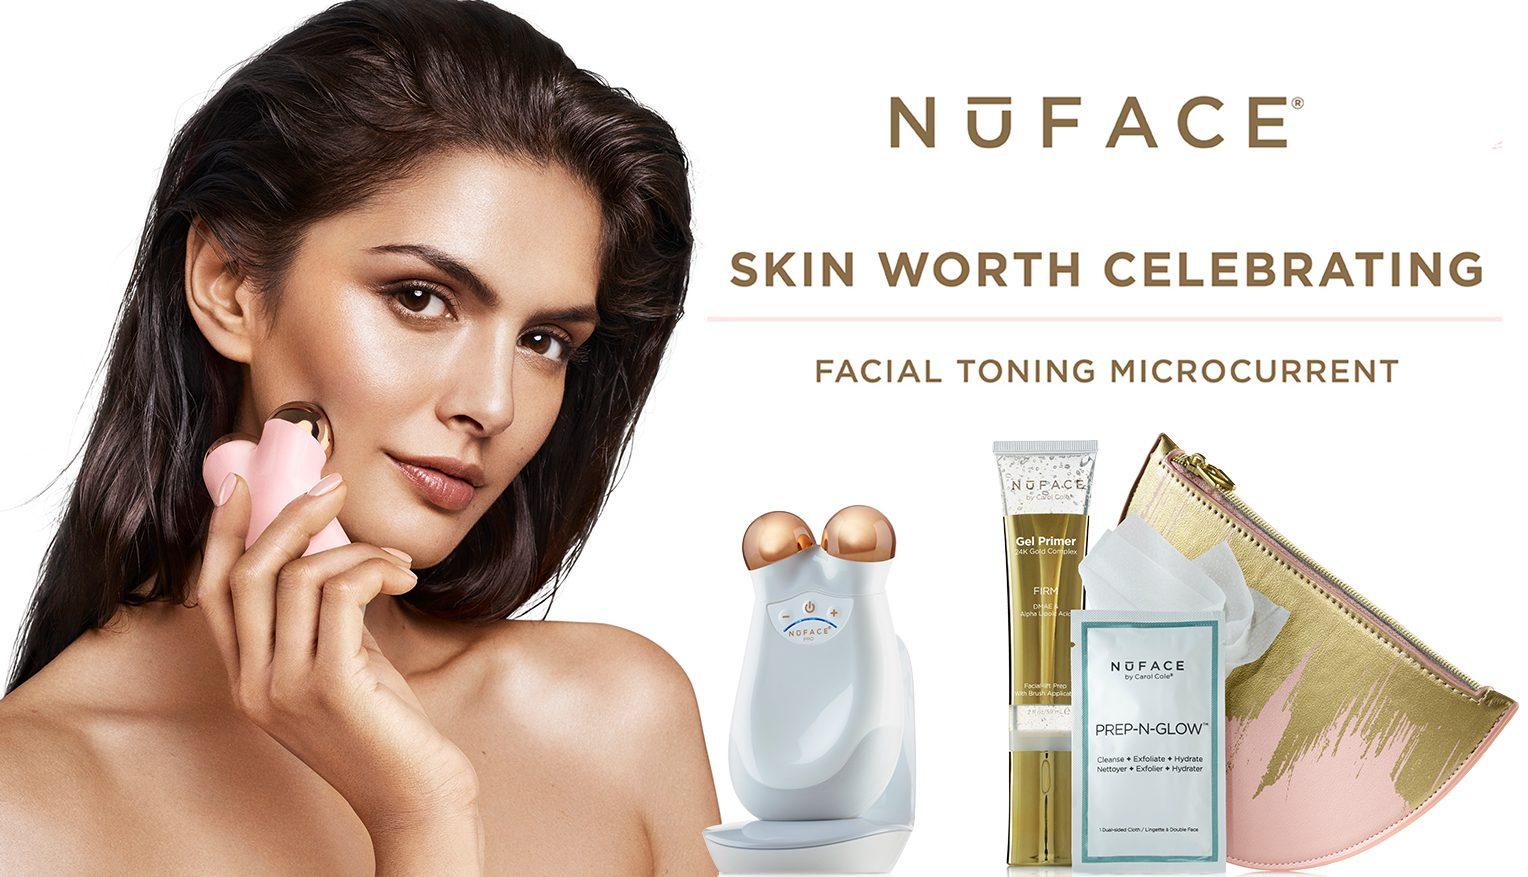 NuFace skin worth celebrating